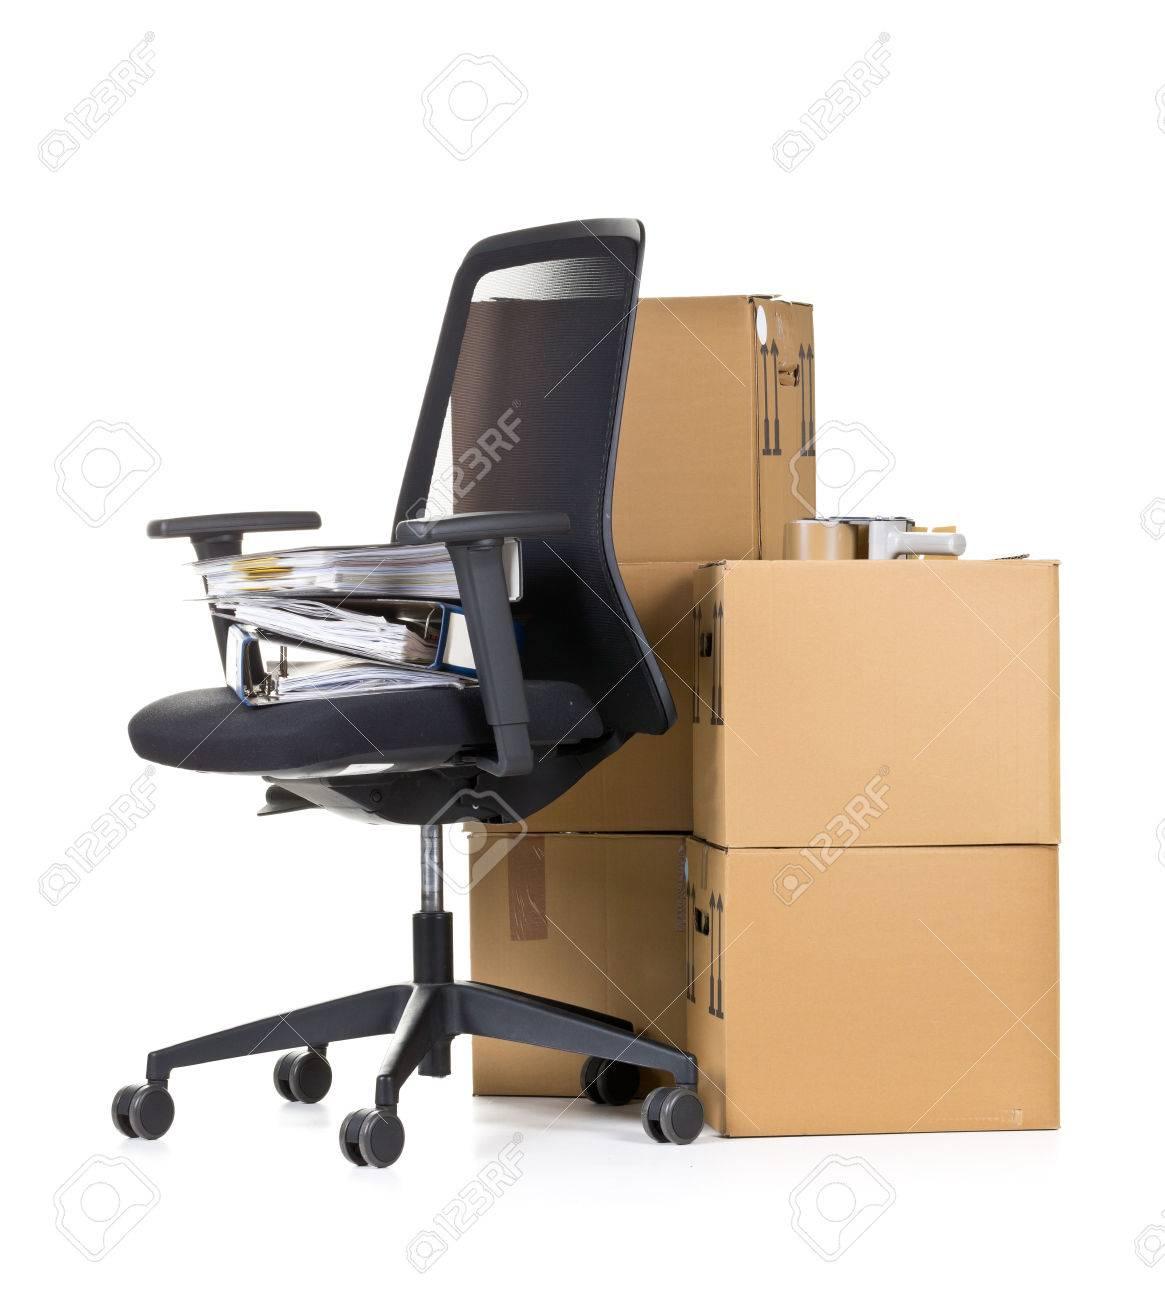 Office-Ordner auf dem Bürostuhl vor Boxen über weißem Hintergrund bewegen - Bürowechsel oder Umzug Konzept Standard-Bild - 53884892